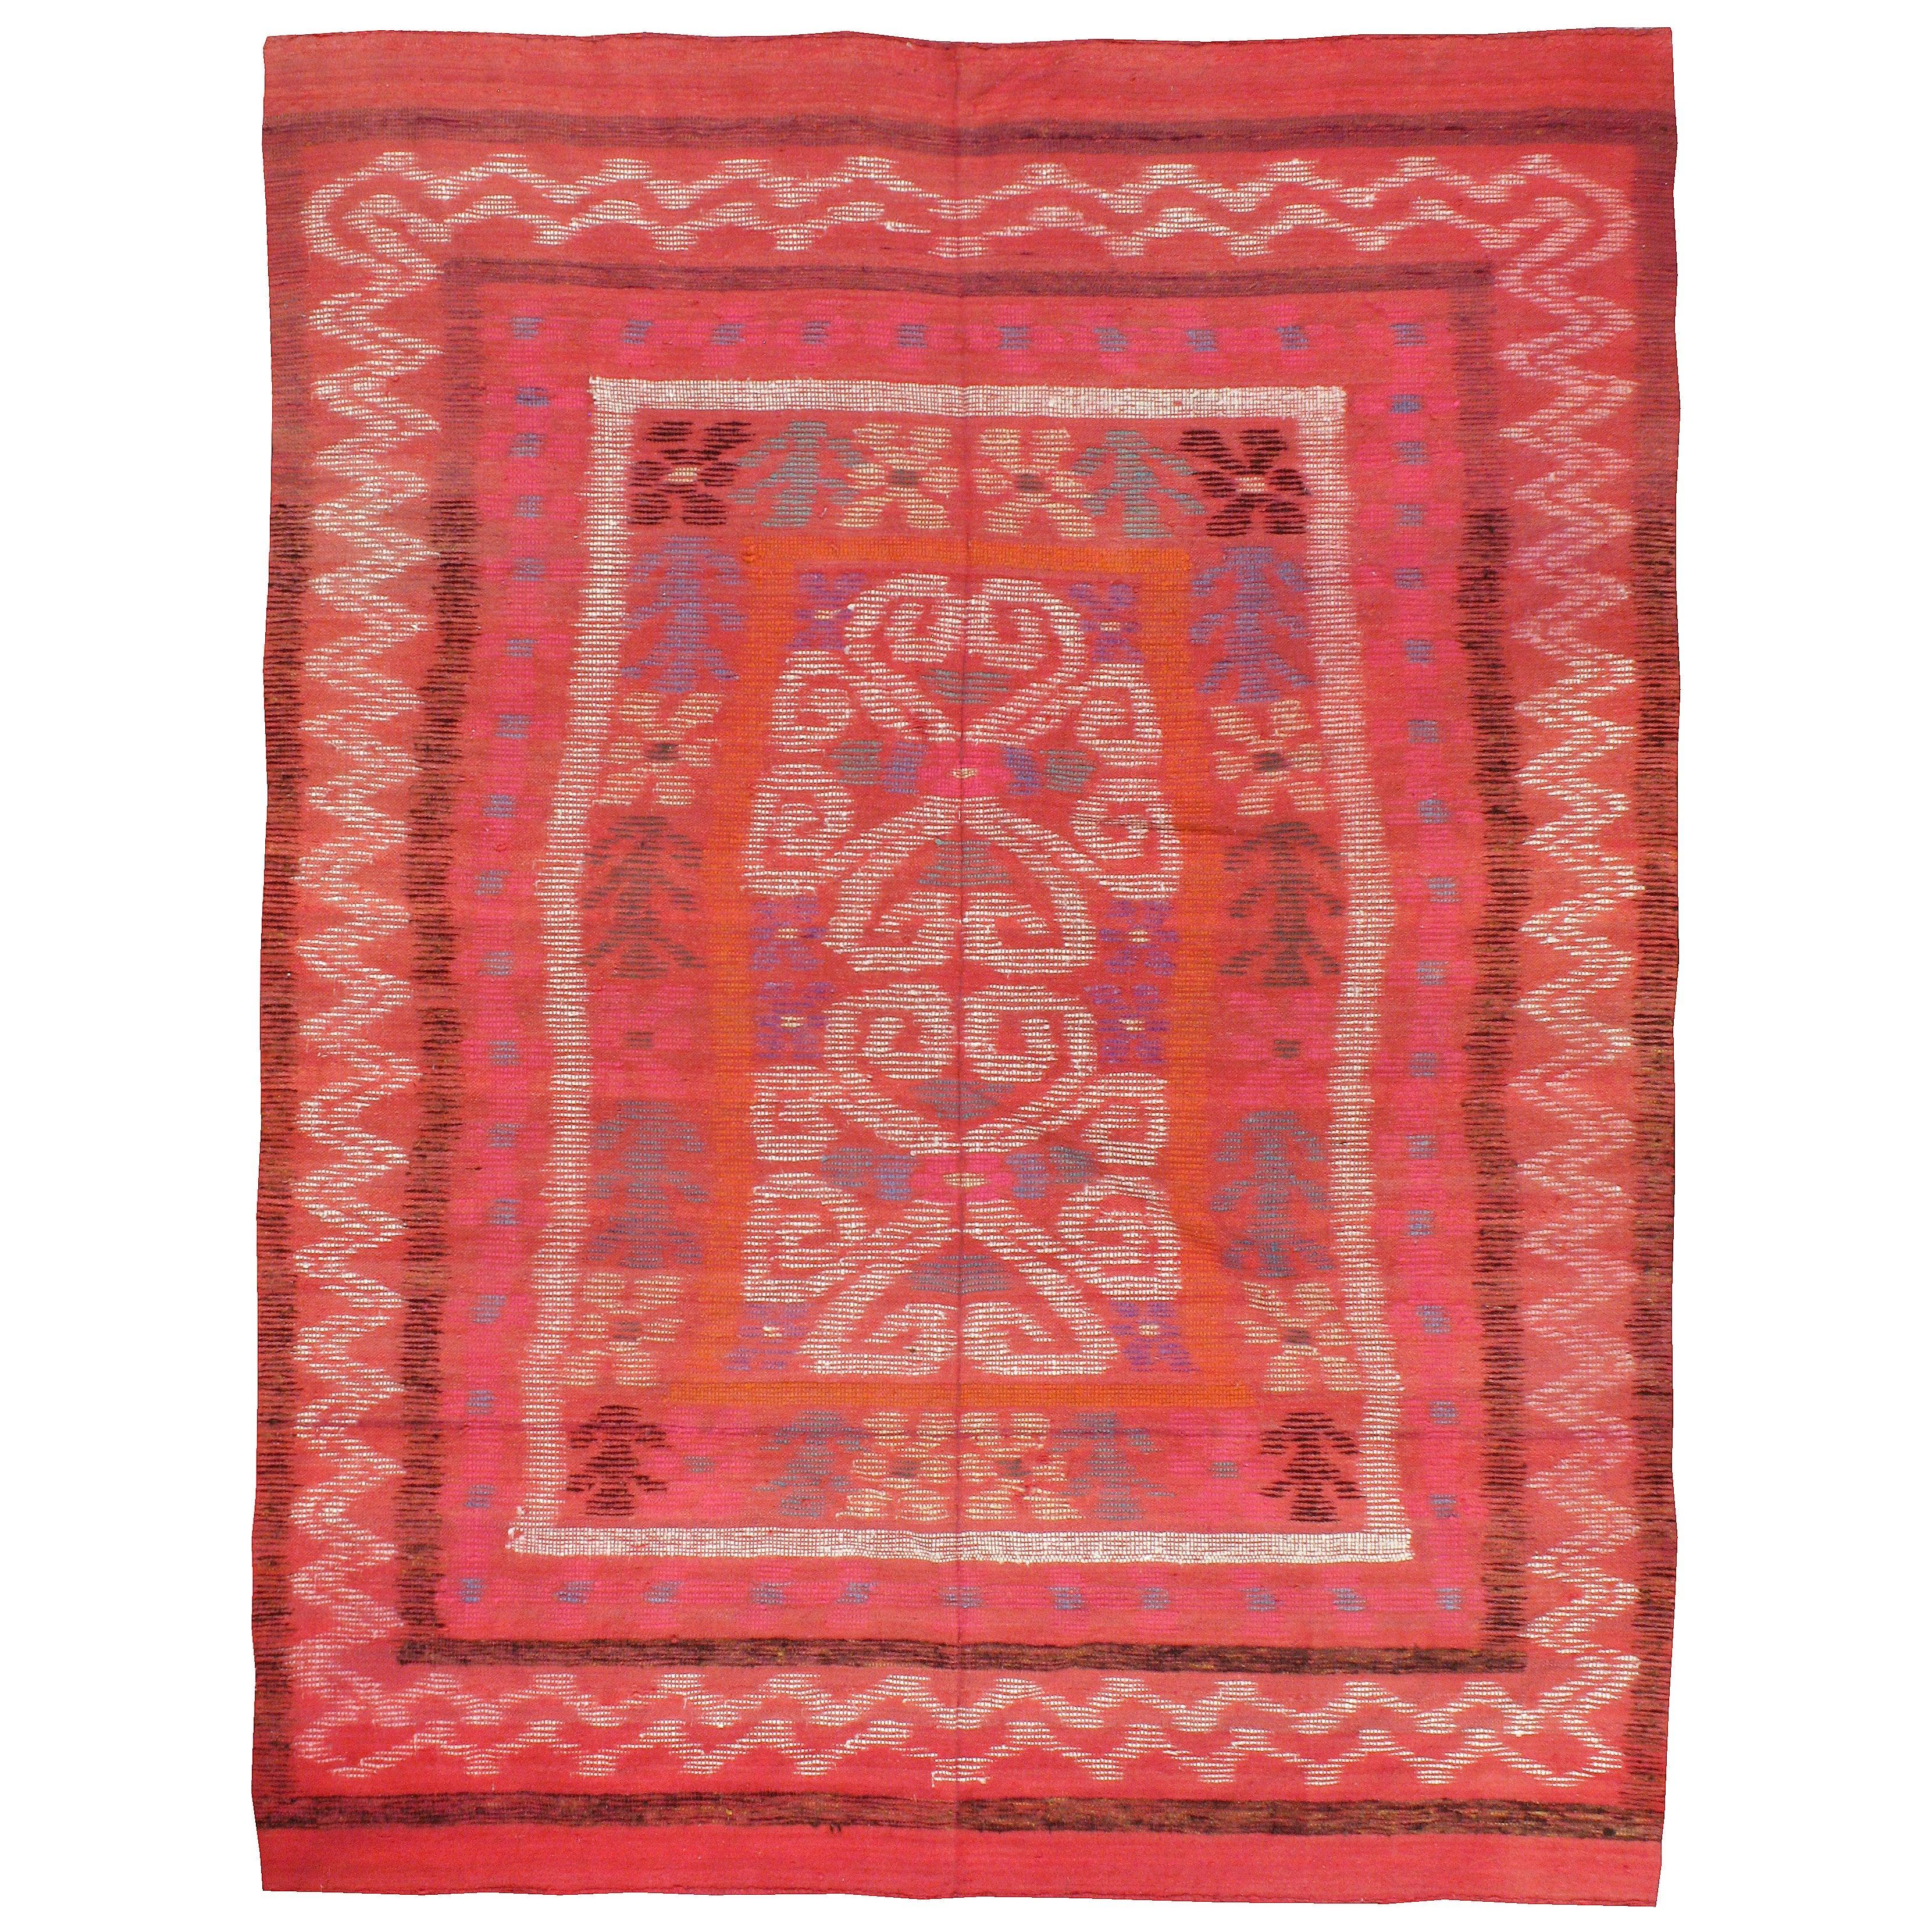 Midcentury Handmade Scandinavian Modern Kilim In Coral Red